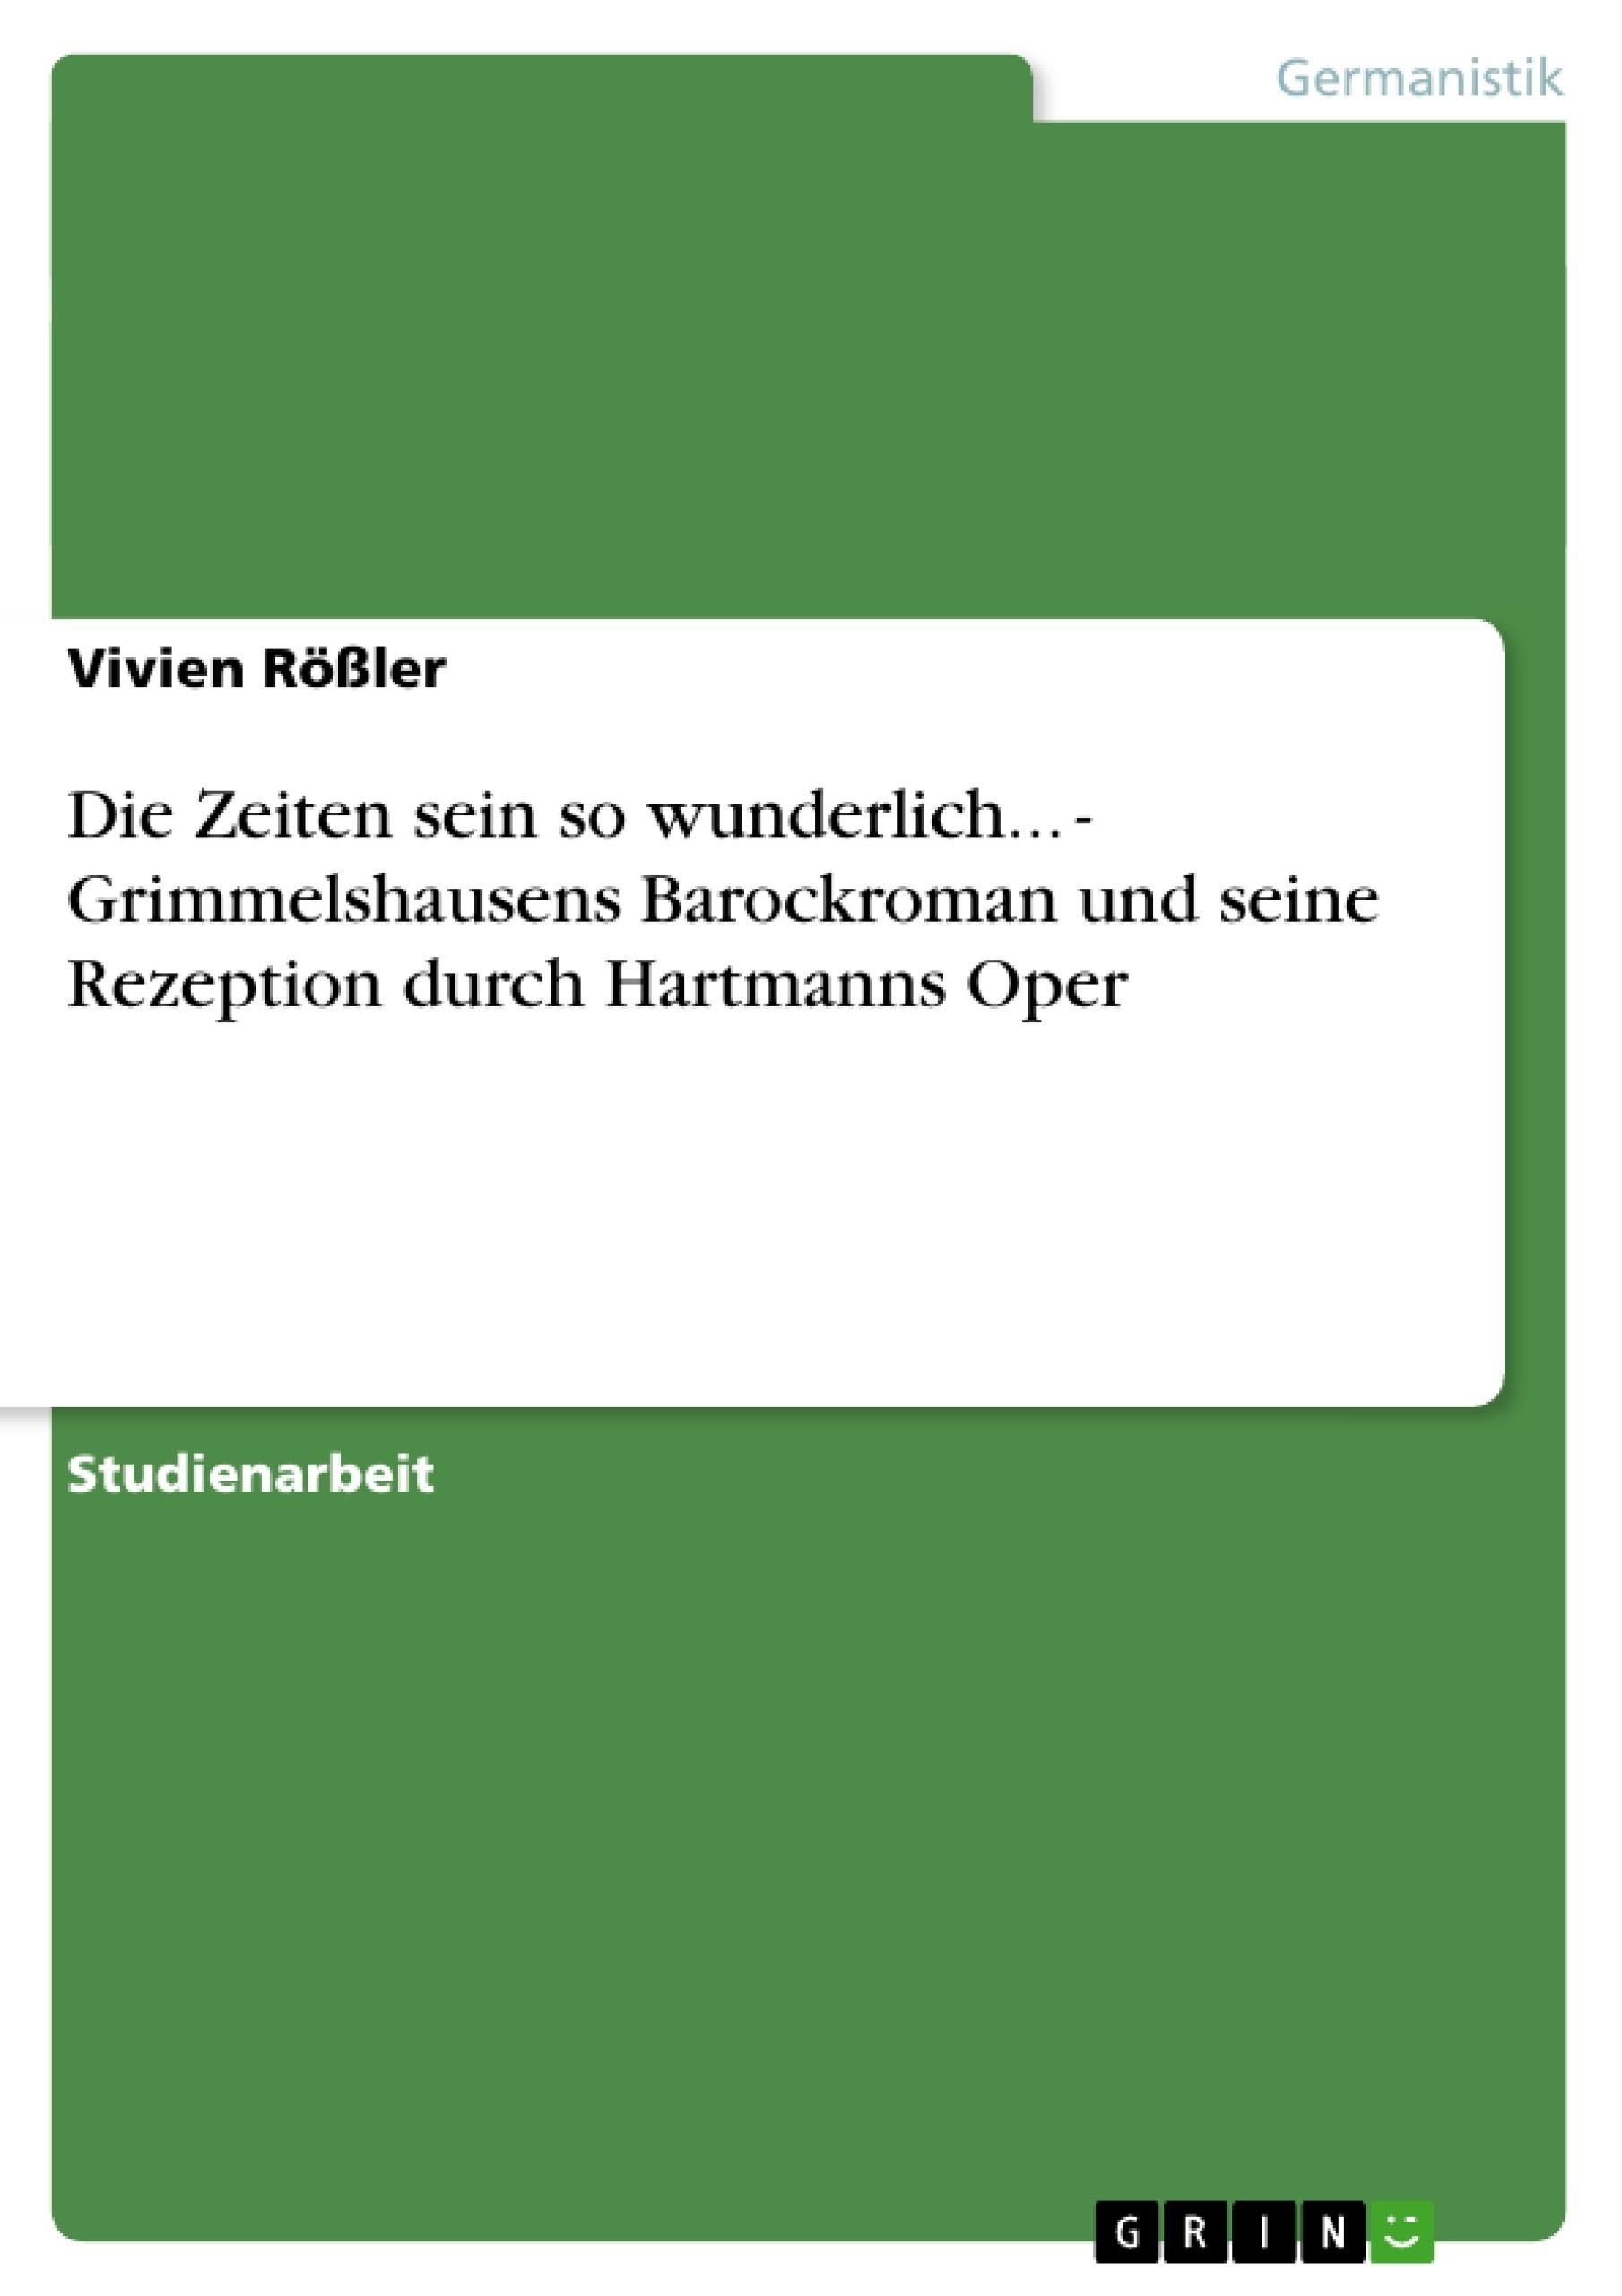 Titel: Die Zeiten sein so wunderlich... - Grimmelshausens Barockroman und seine Rezeption durch Hartmanns Oper